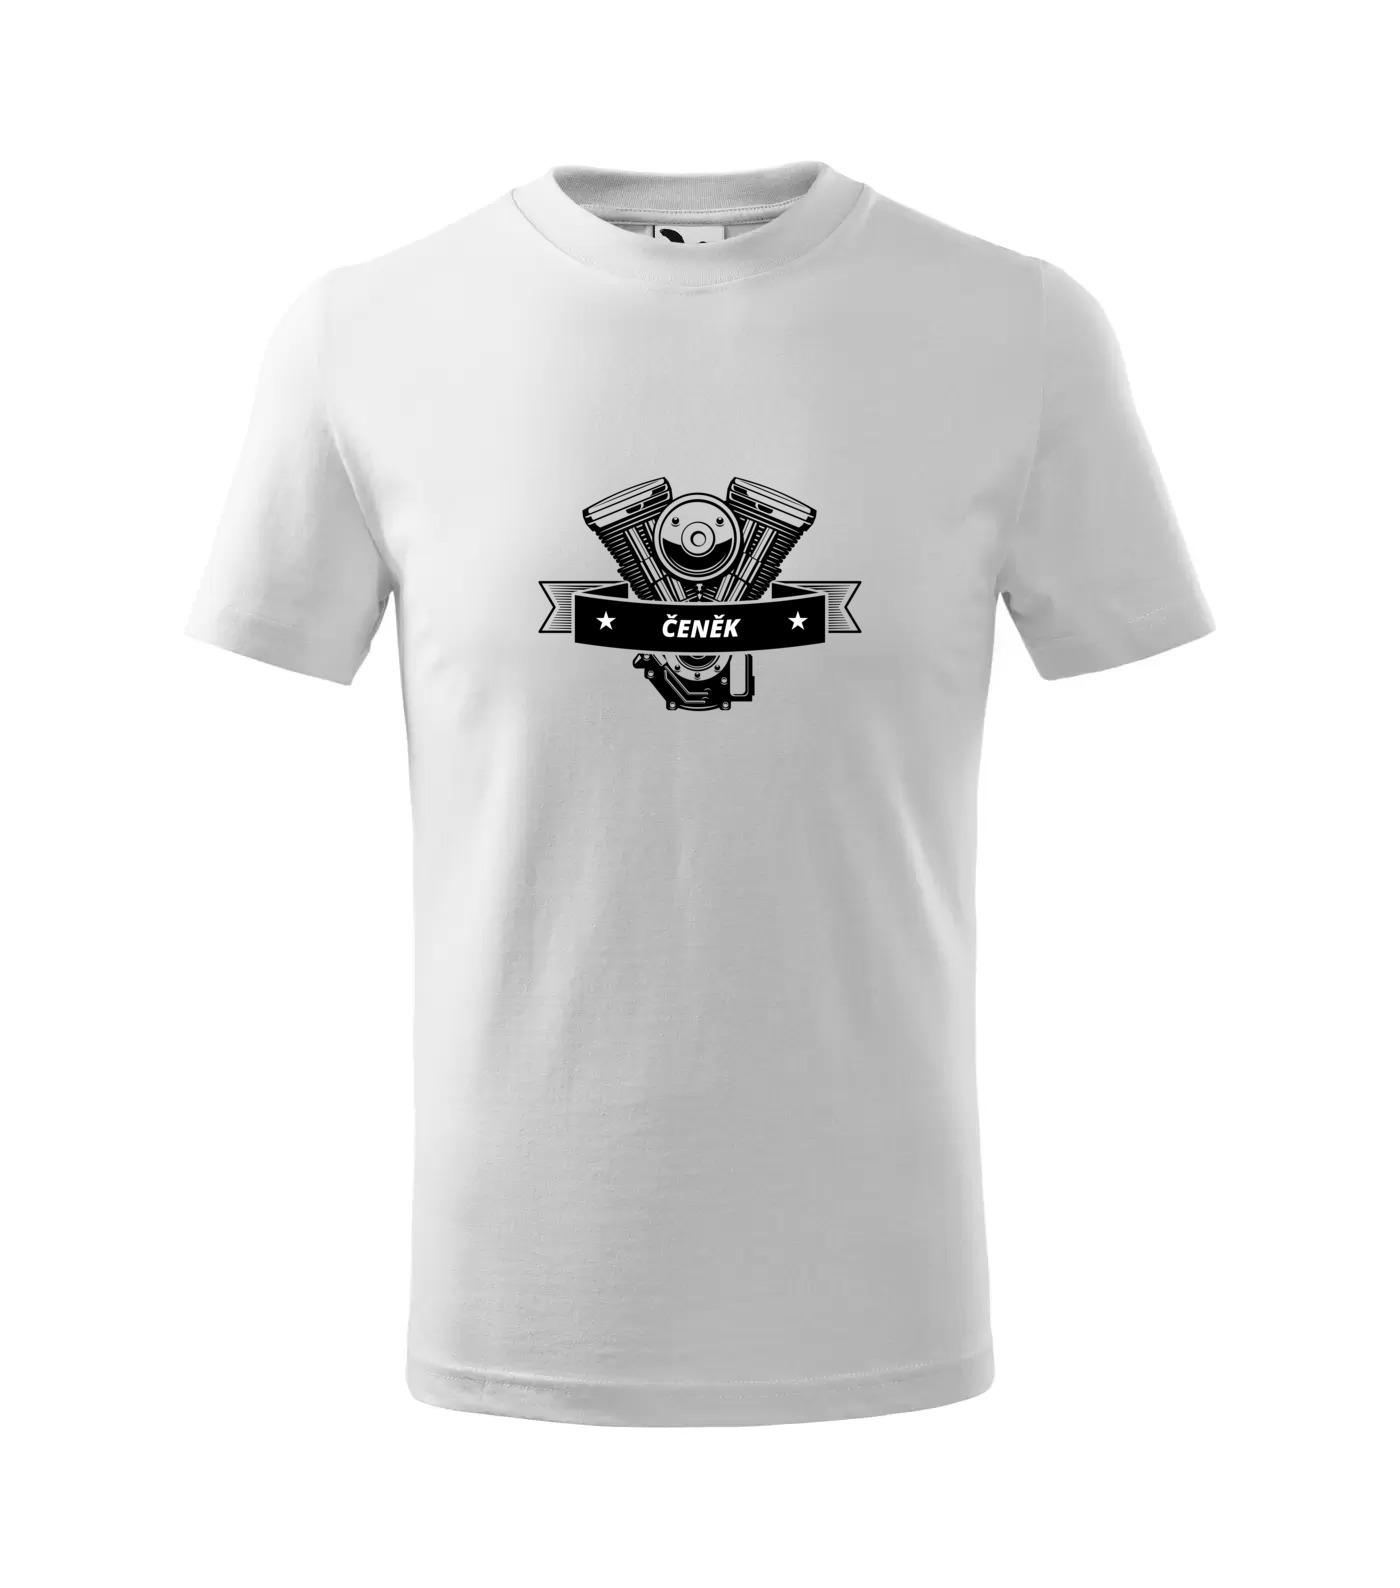 Tričko Motorkář Čeněk